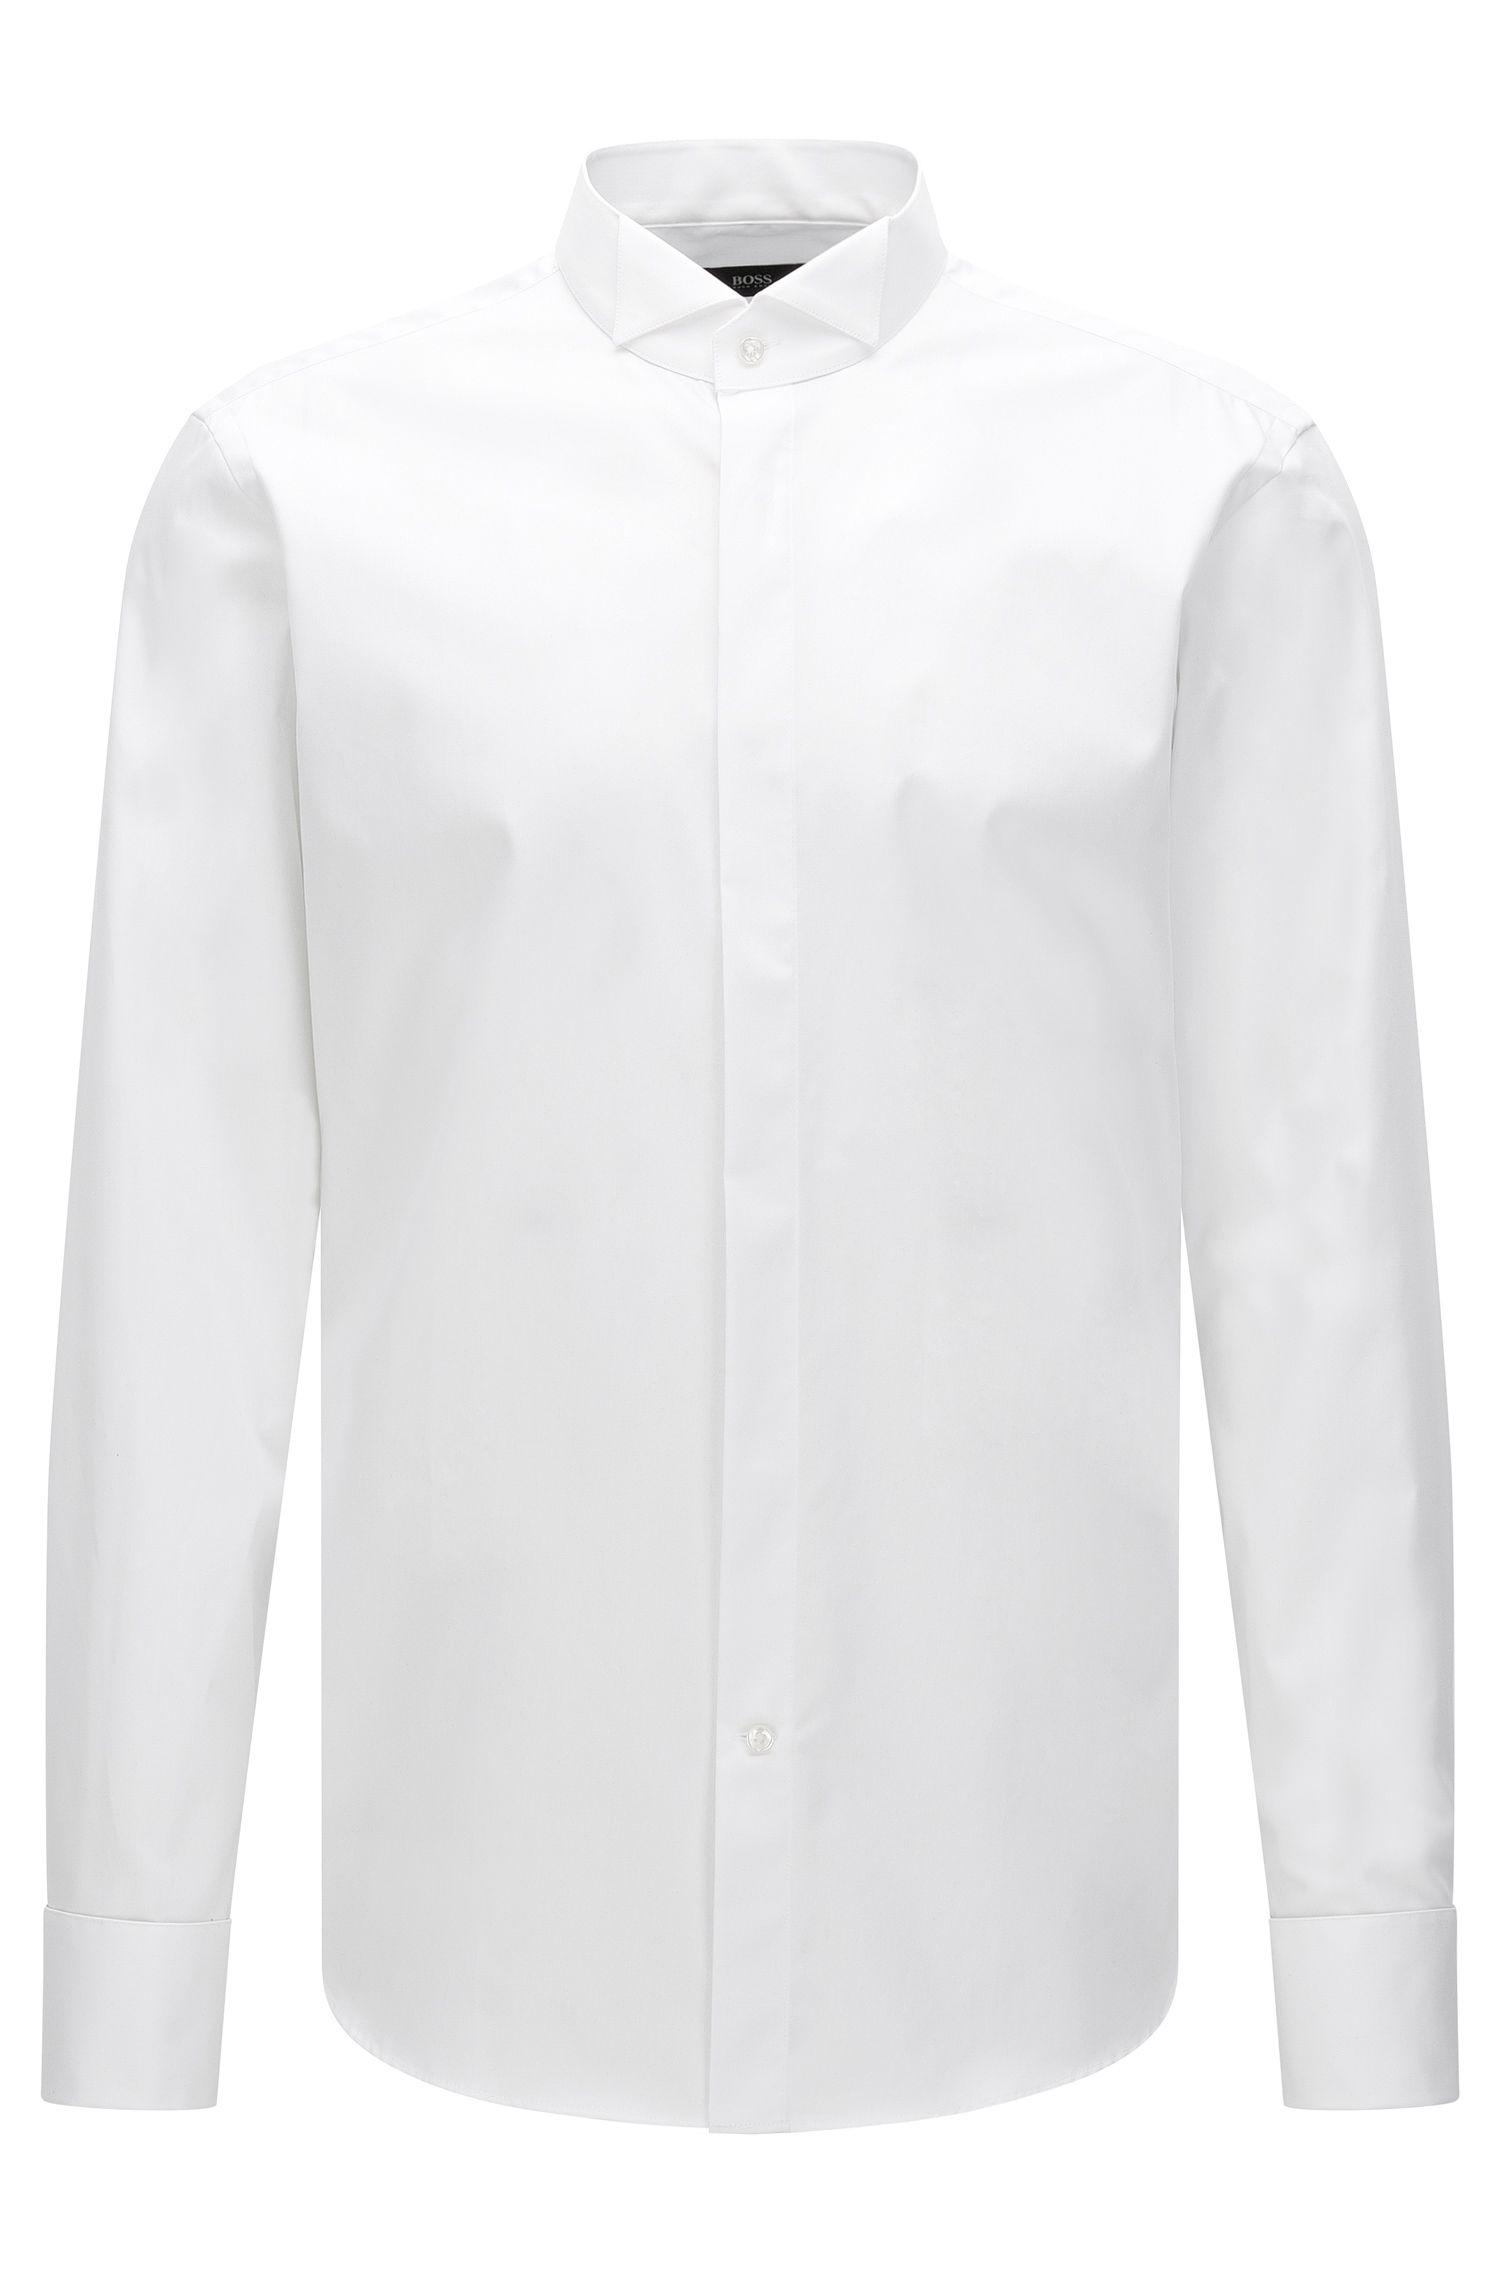 Regular-fit, zakelijk overhemd van katoen met puntboord